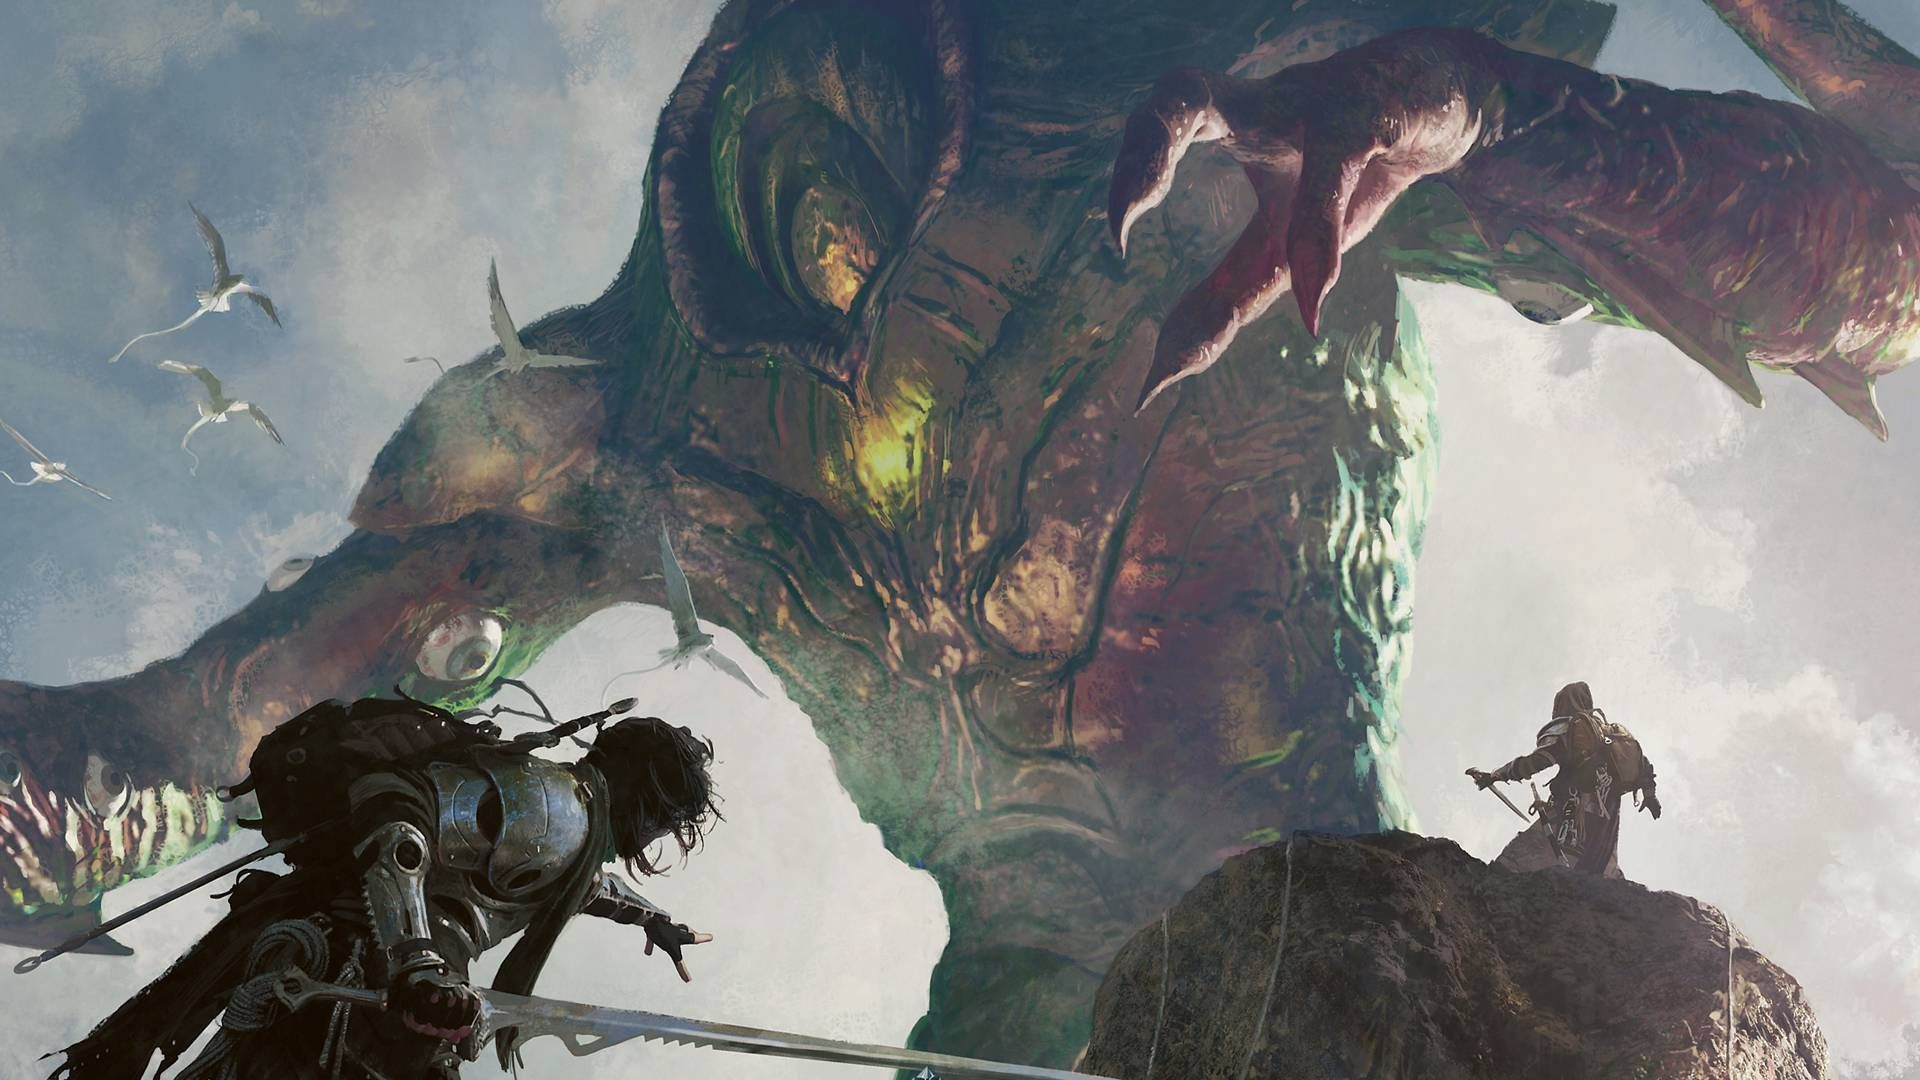 Giant Monster Wallpaper Part 4 Album On Imgur Warriors